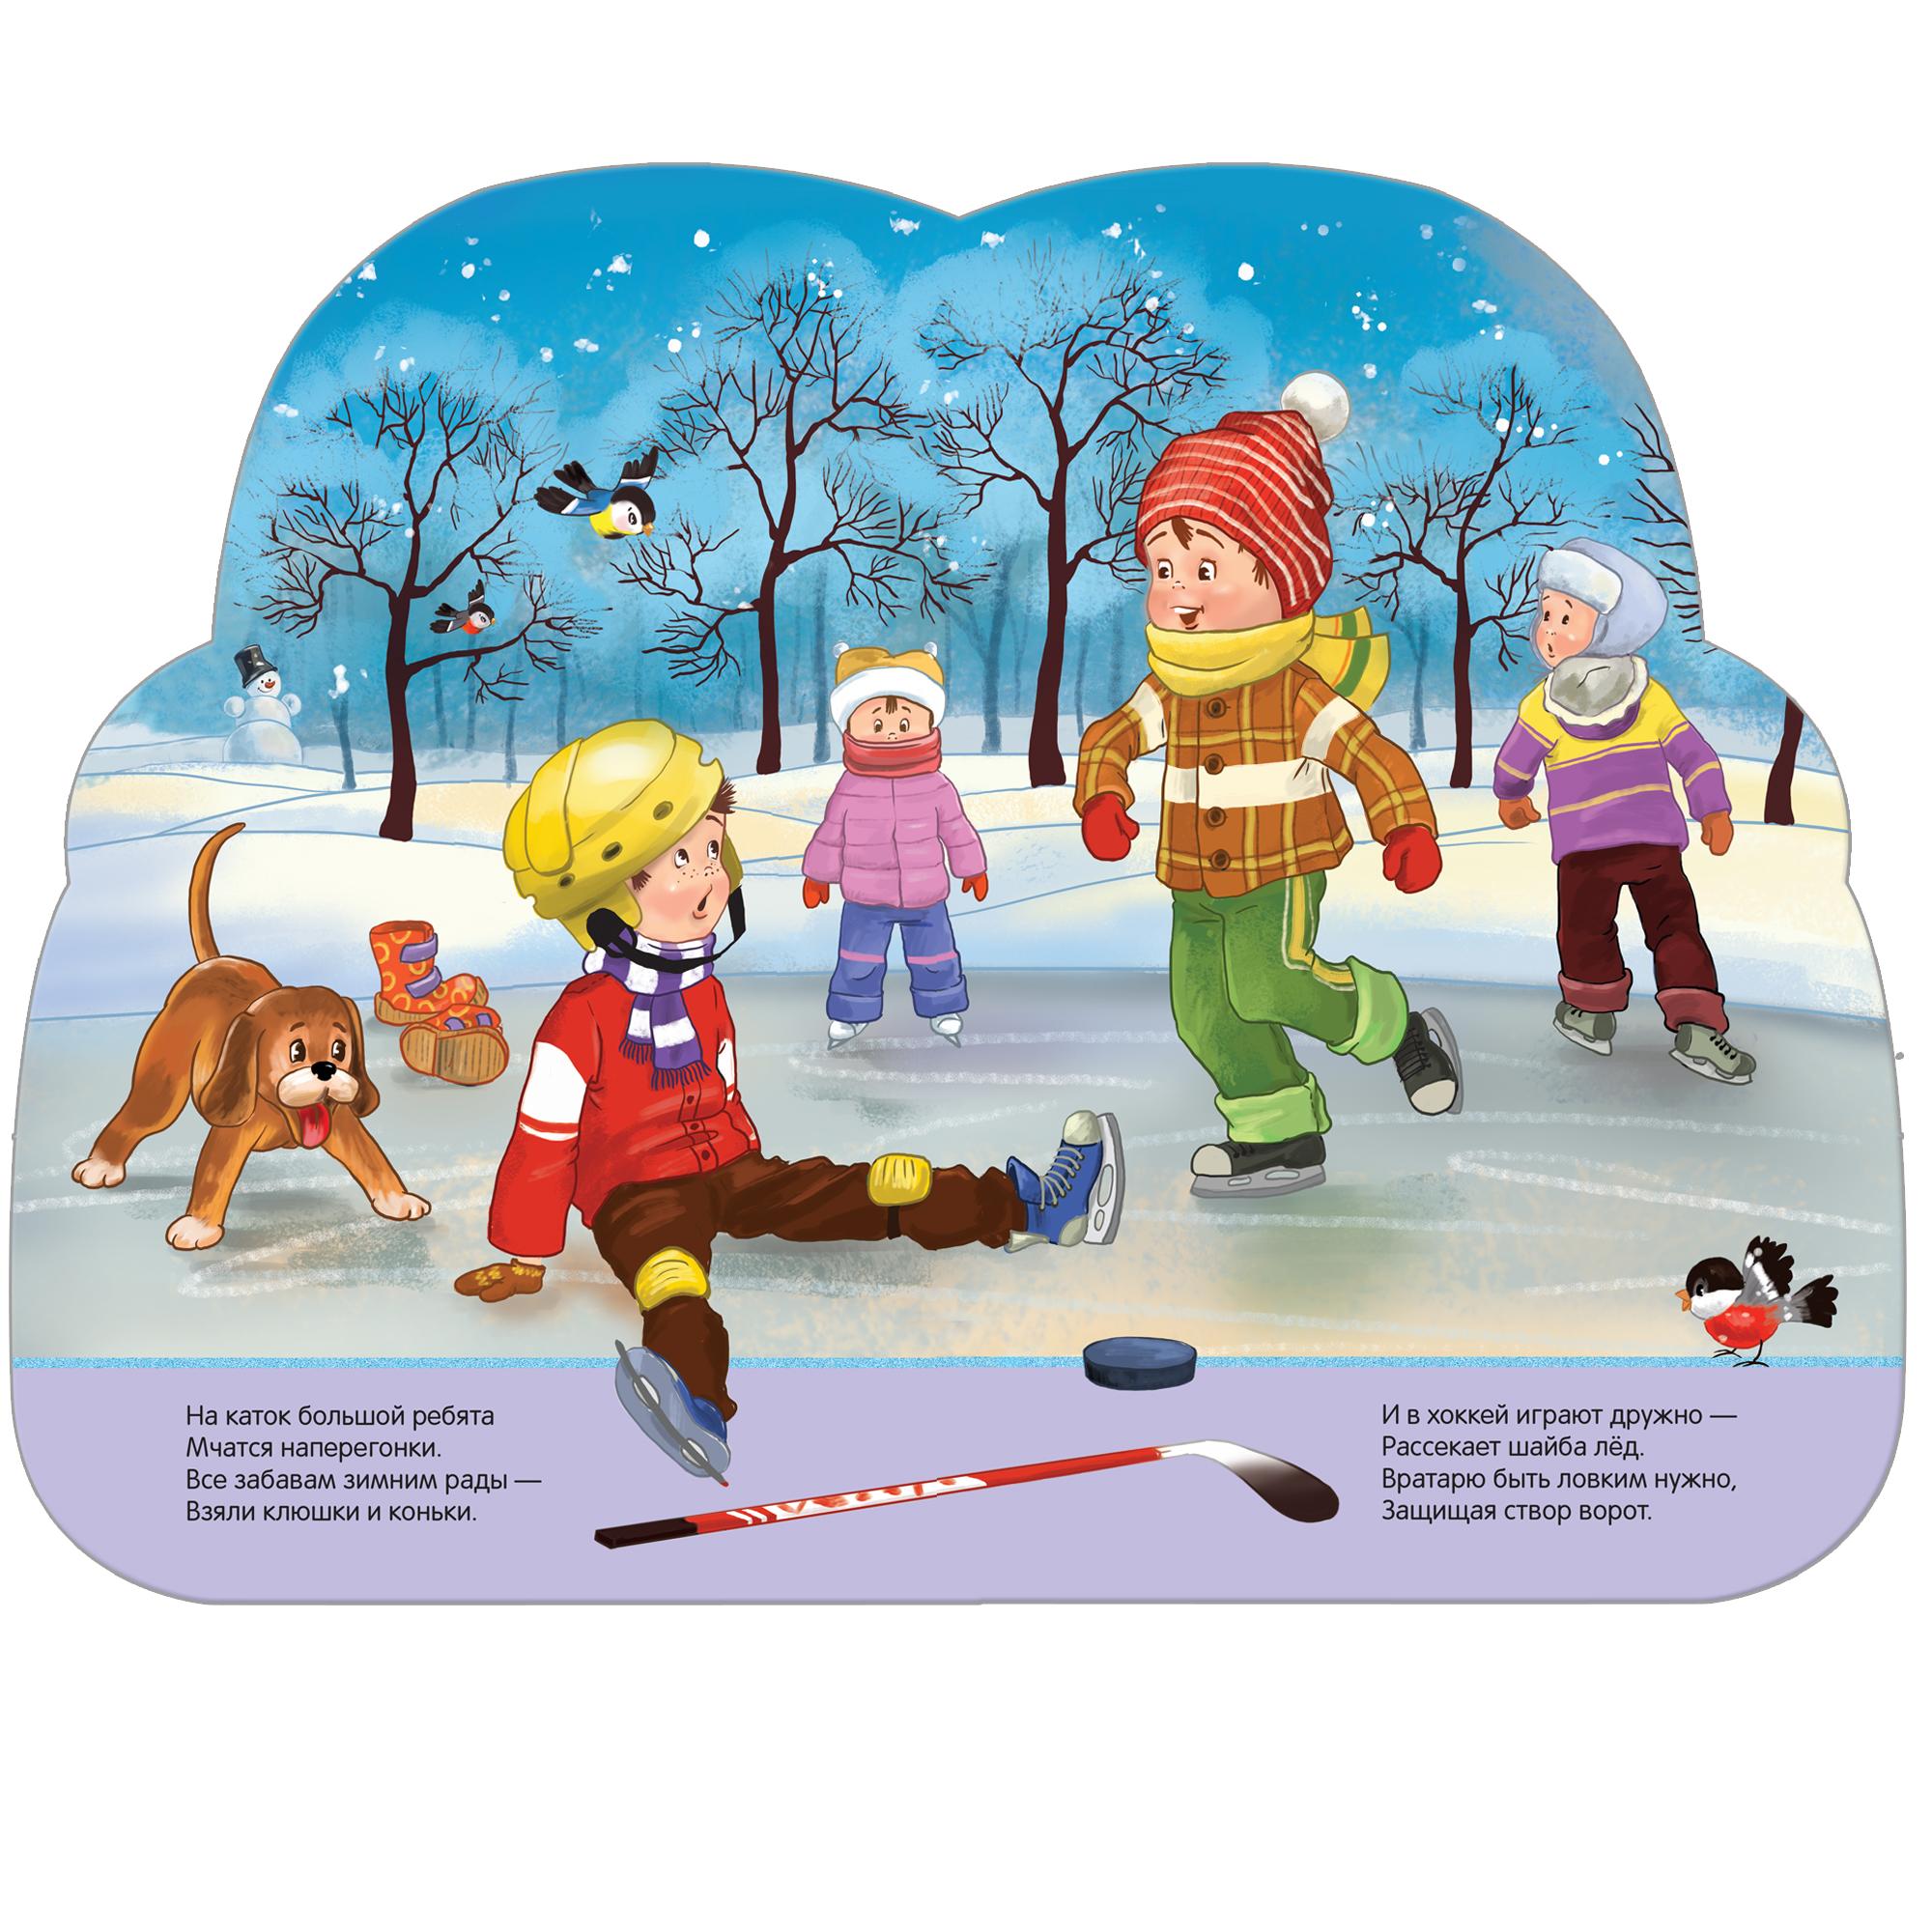 Стихи про зимние виды спорта для детей